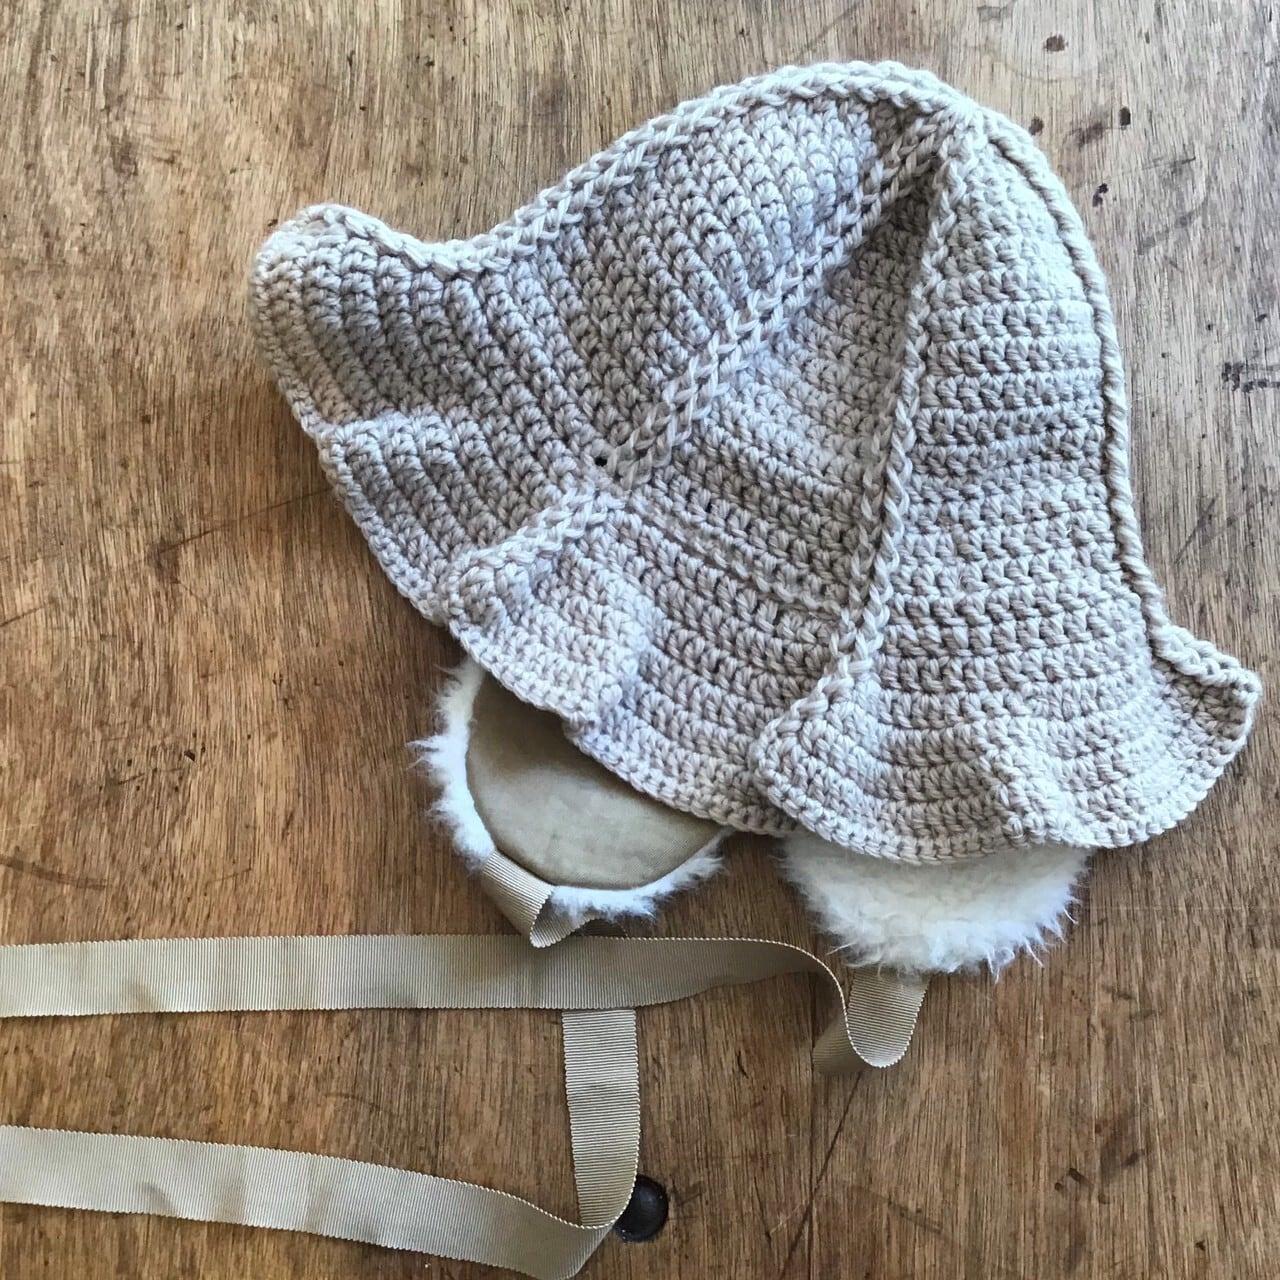 FUMIETANAKA F20A-55tulip knit hat color beige size F